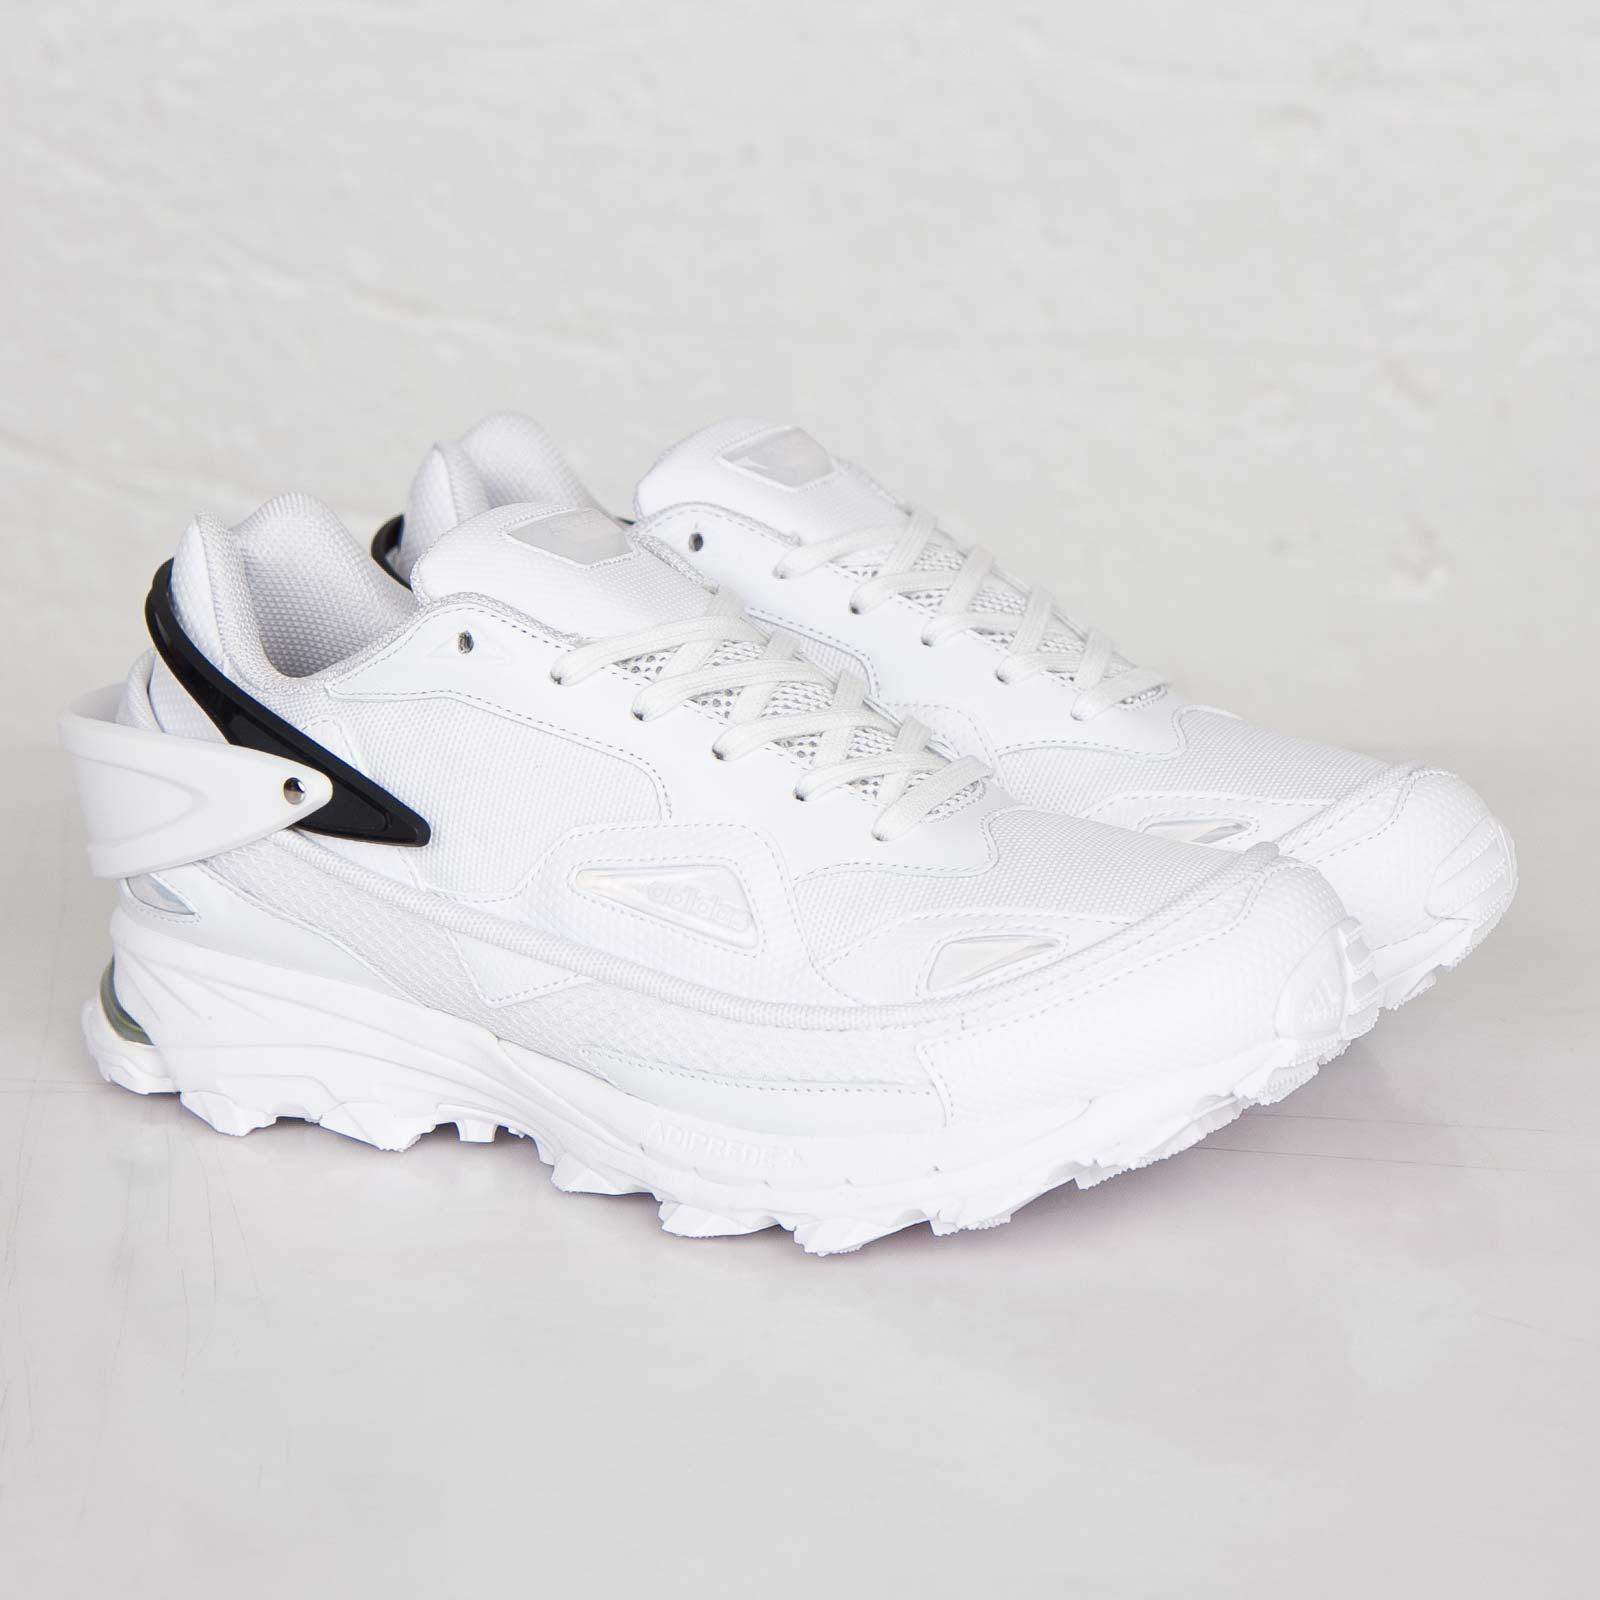 Adidas raf simons (tracce 2 b24110 scarpe da ginnasticanstuff